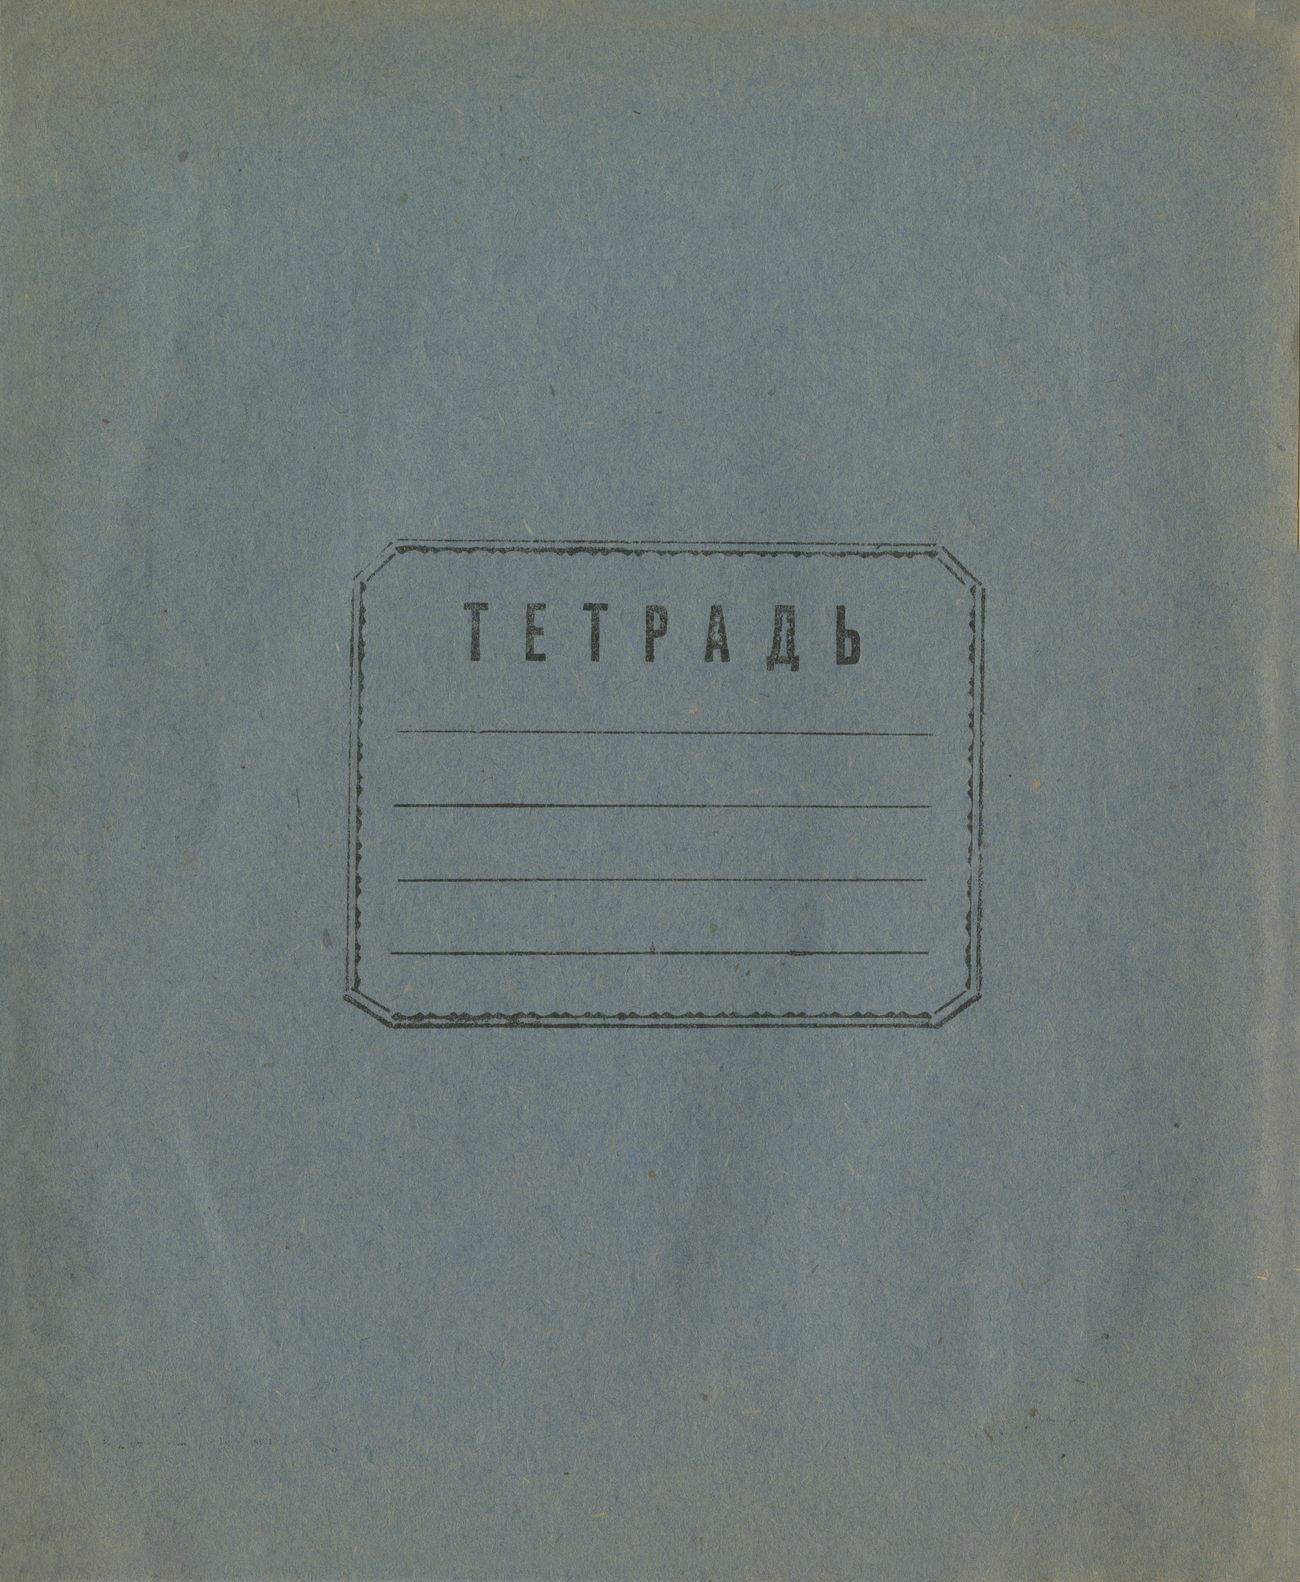 Тетрадь Каменская фабрика, стр. 1, 170х210